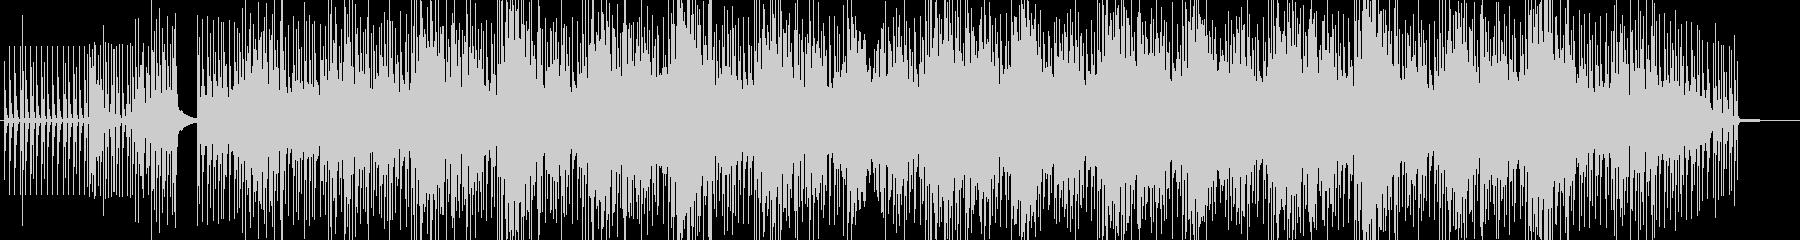 静かなエレクトロミニマルハウスの未再生の波形